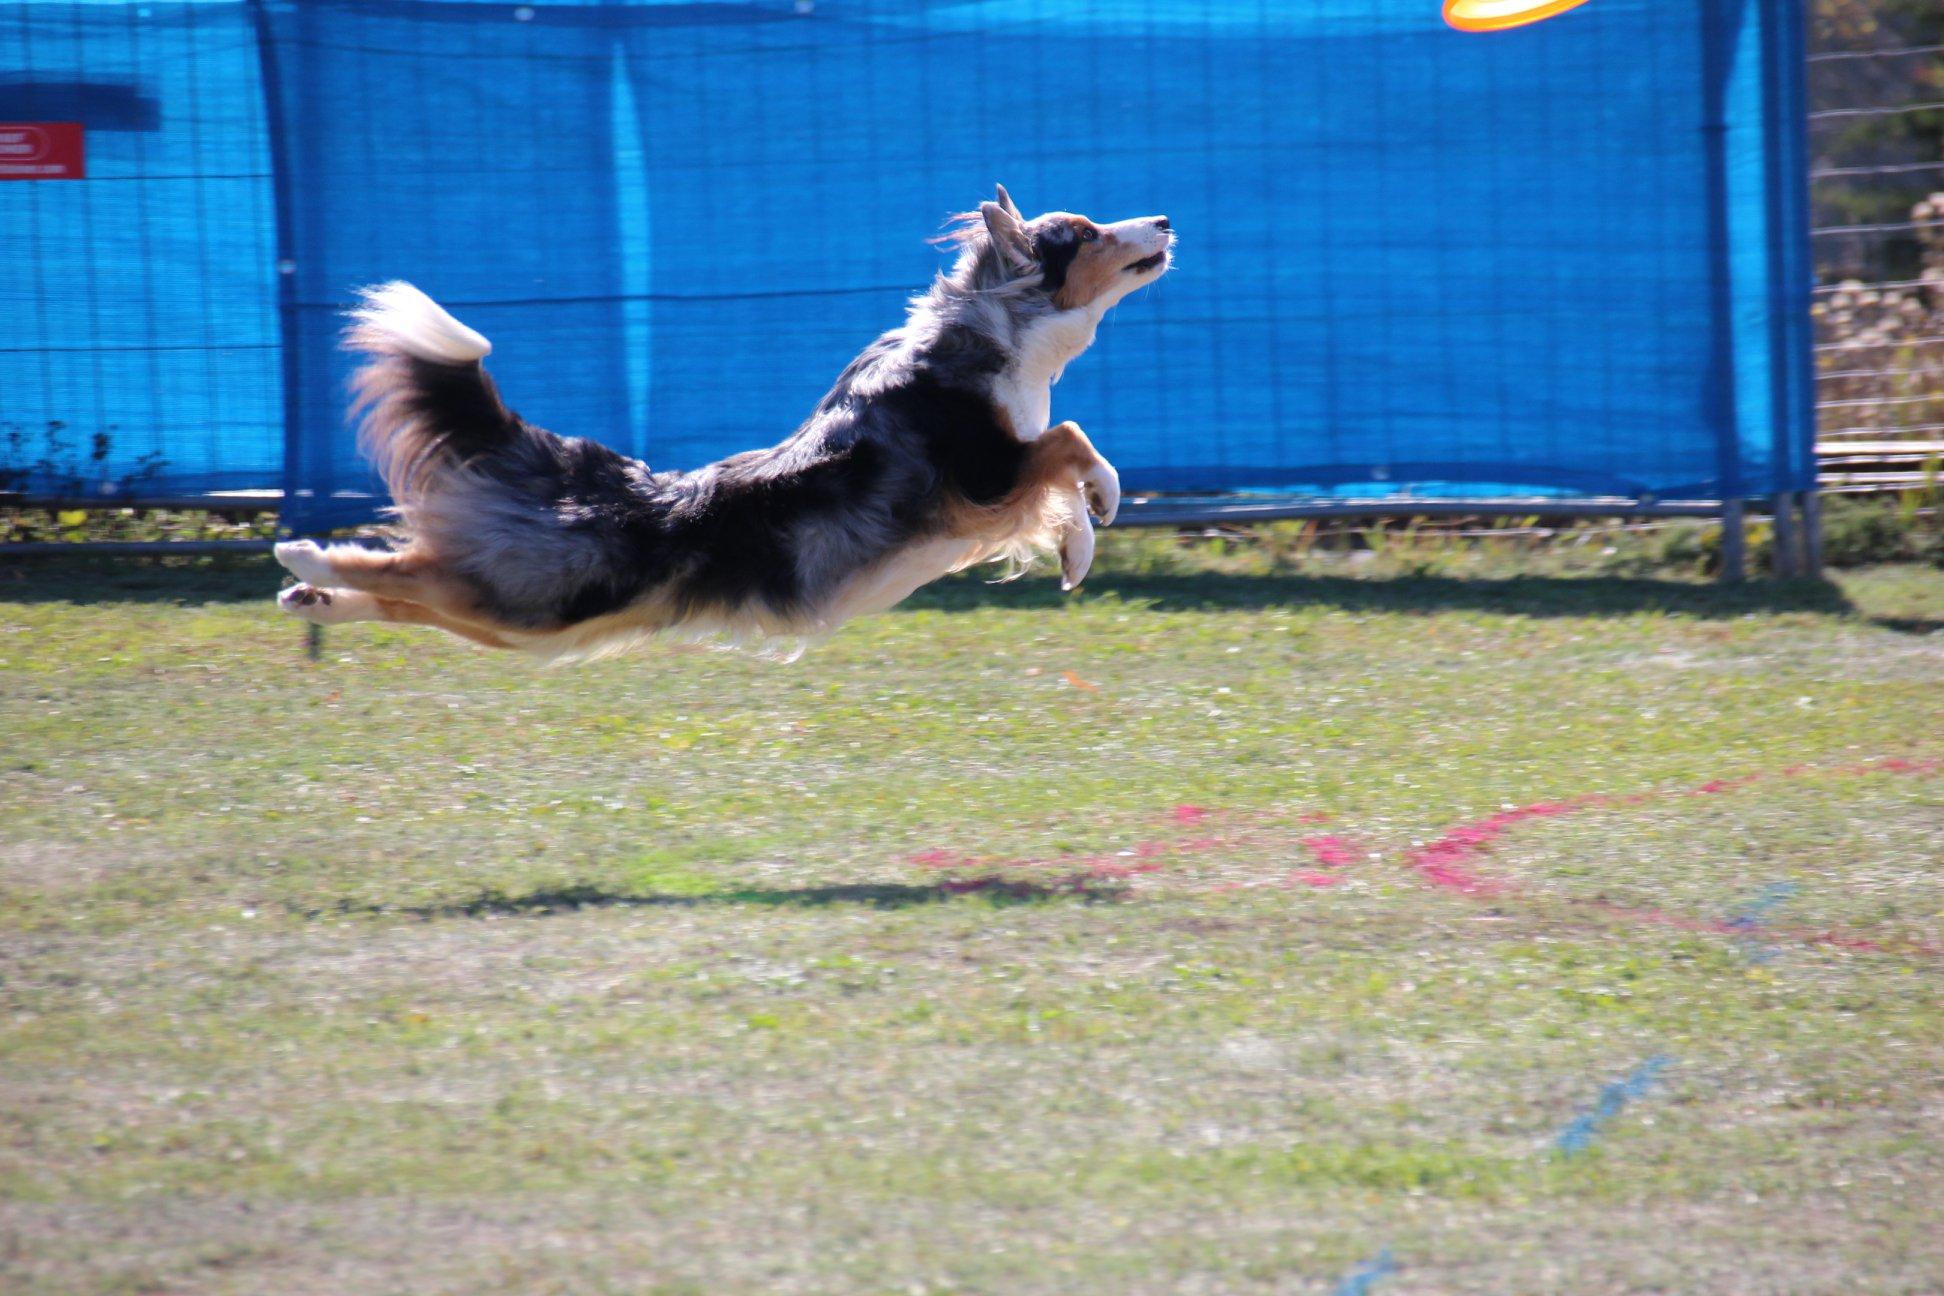 Dogfrisbee Turnier in Mistelbach 2019. Qualifikation für die Österreichischen Meisterschaften.